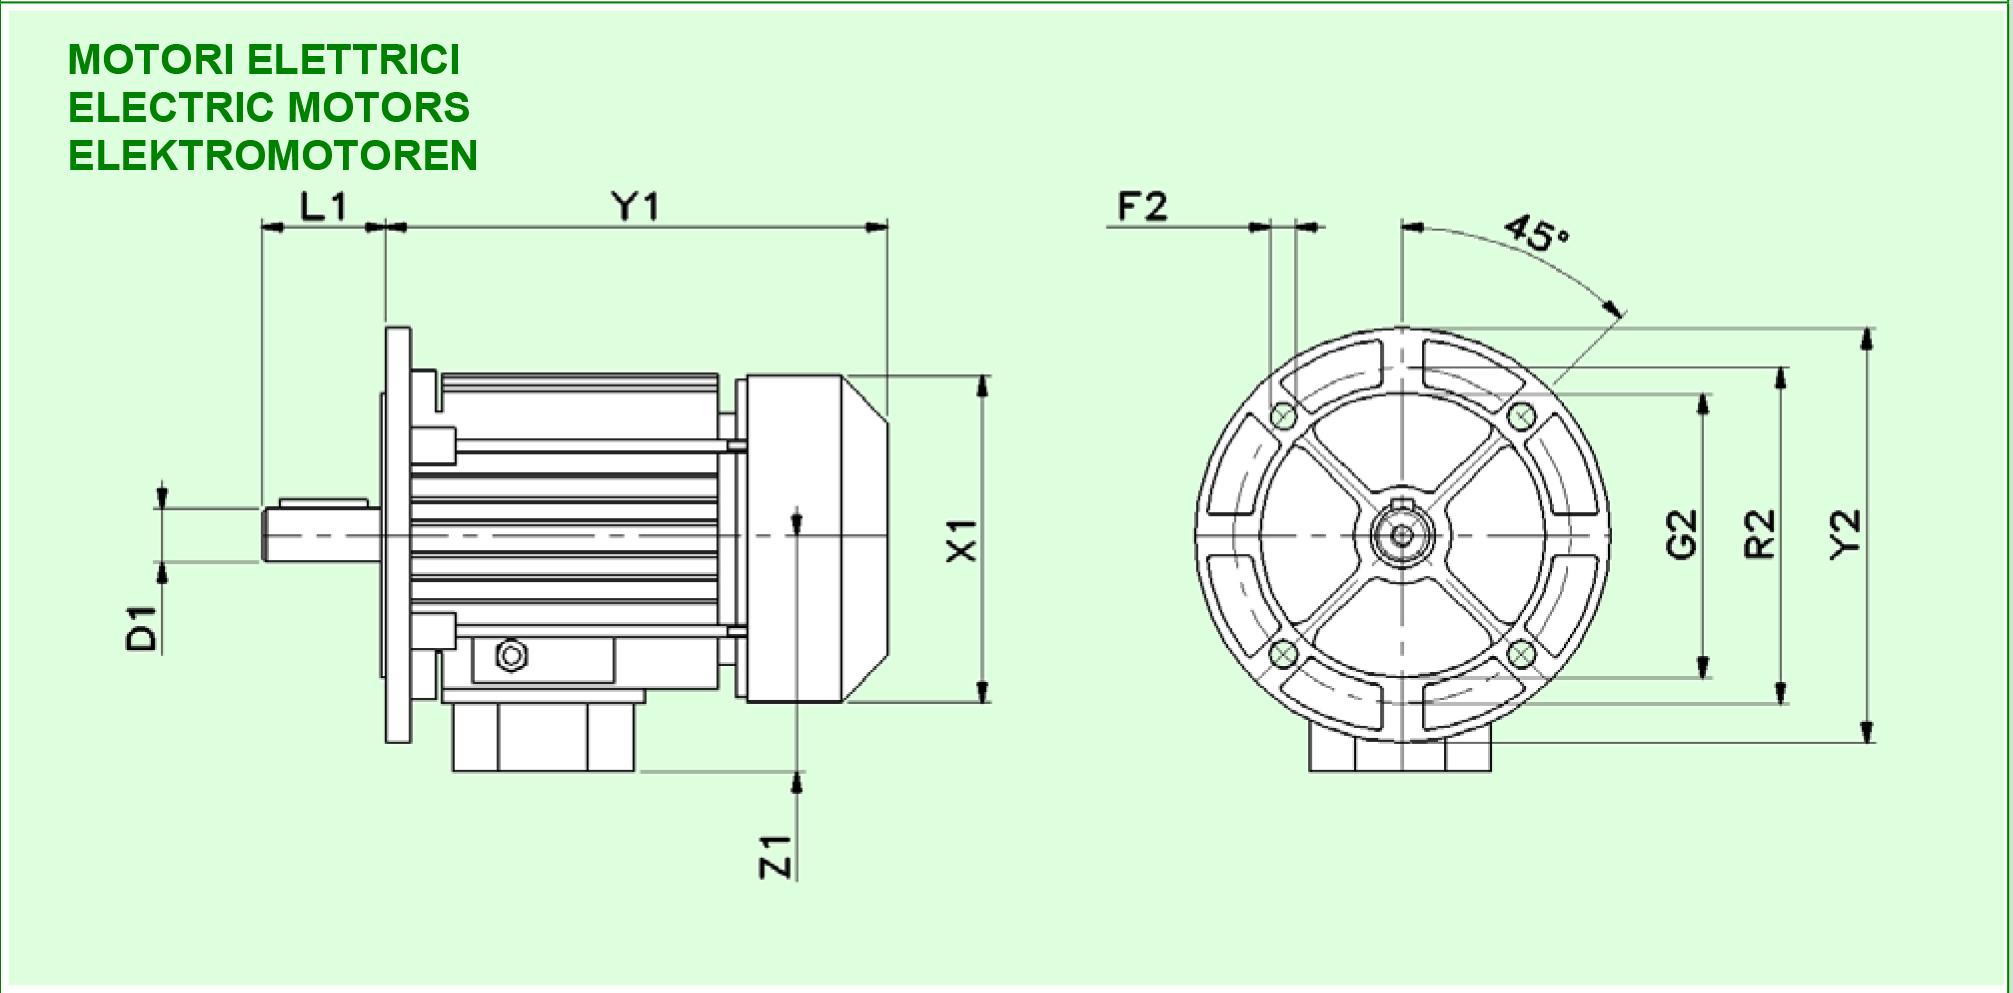 bản vẽ động cơ điện 3 pha varvel